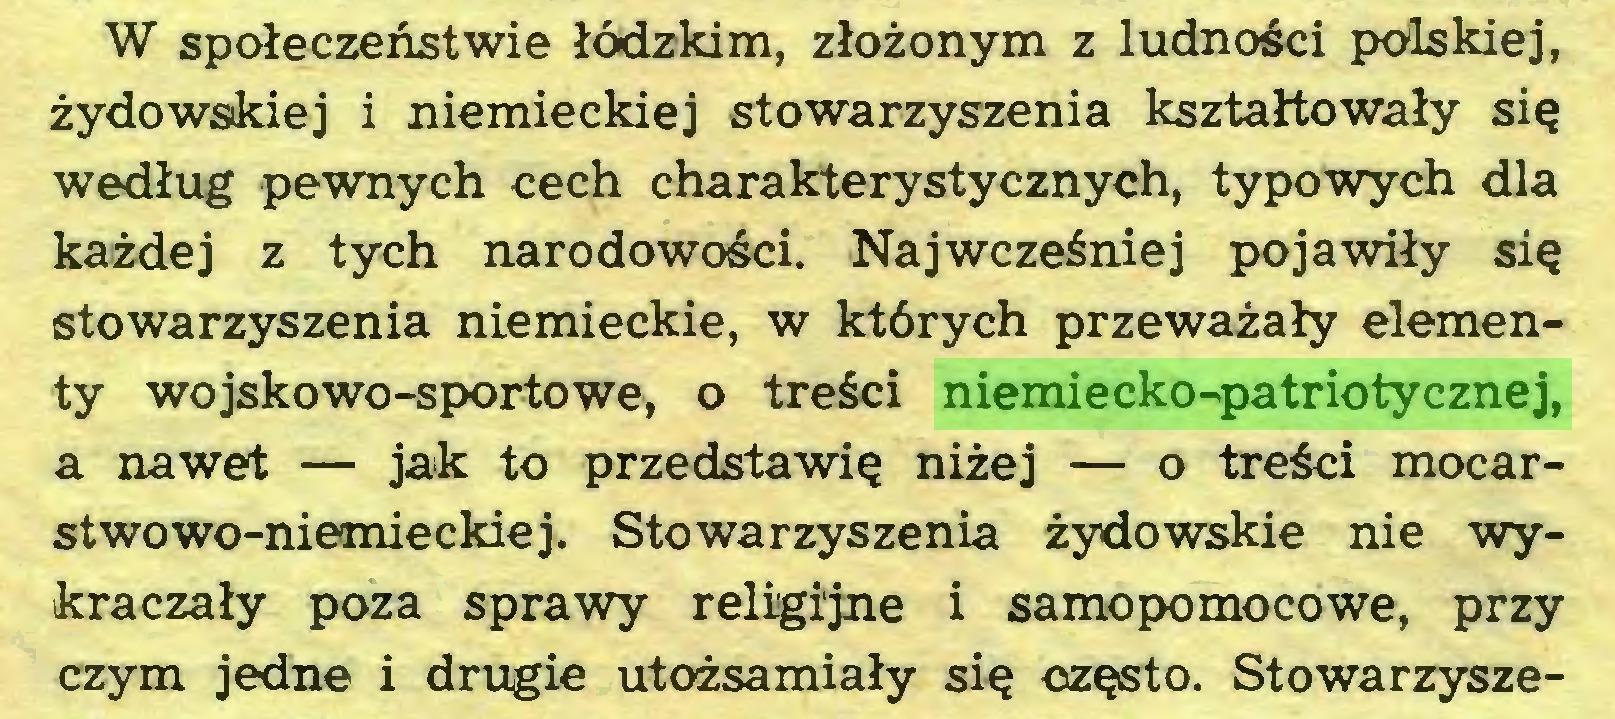 (...) W społeczeństwie łódzkim, złożonym z ludności polskiej, żydowskiej i niemieckiej stowarzyszenia kształtowały się według pewnych cech charakterystycznych, typowych dla każdej z tych narodowości. Najwcześniej pojawiły się stowarzyszenia niemieckie, w których przeważały elementy wojskowo-sportowe, o treści niemiecko-patriotycznej, a nawet — jak to przedstawię niżej — o treści mocarstwowo-niemieckiej. Stowarzyszenia żydowskie nie wykraczały poza sprawy religijne i samopomocowe, przy czym jedne i drugie utożsamiały się często. Stowarzysze...